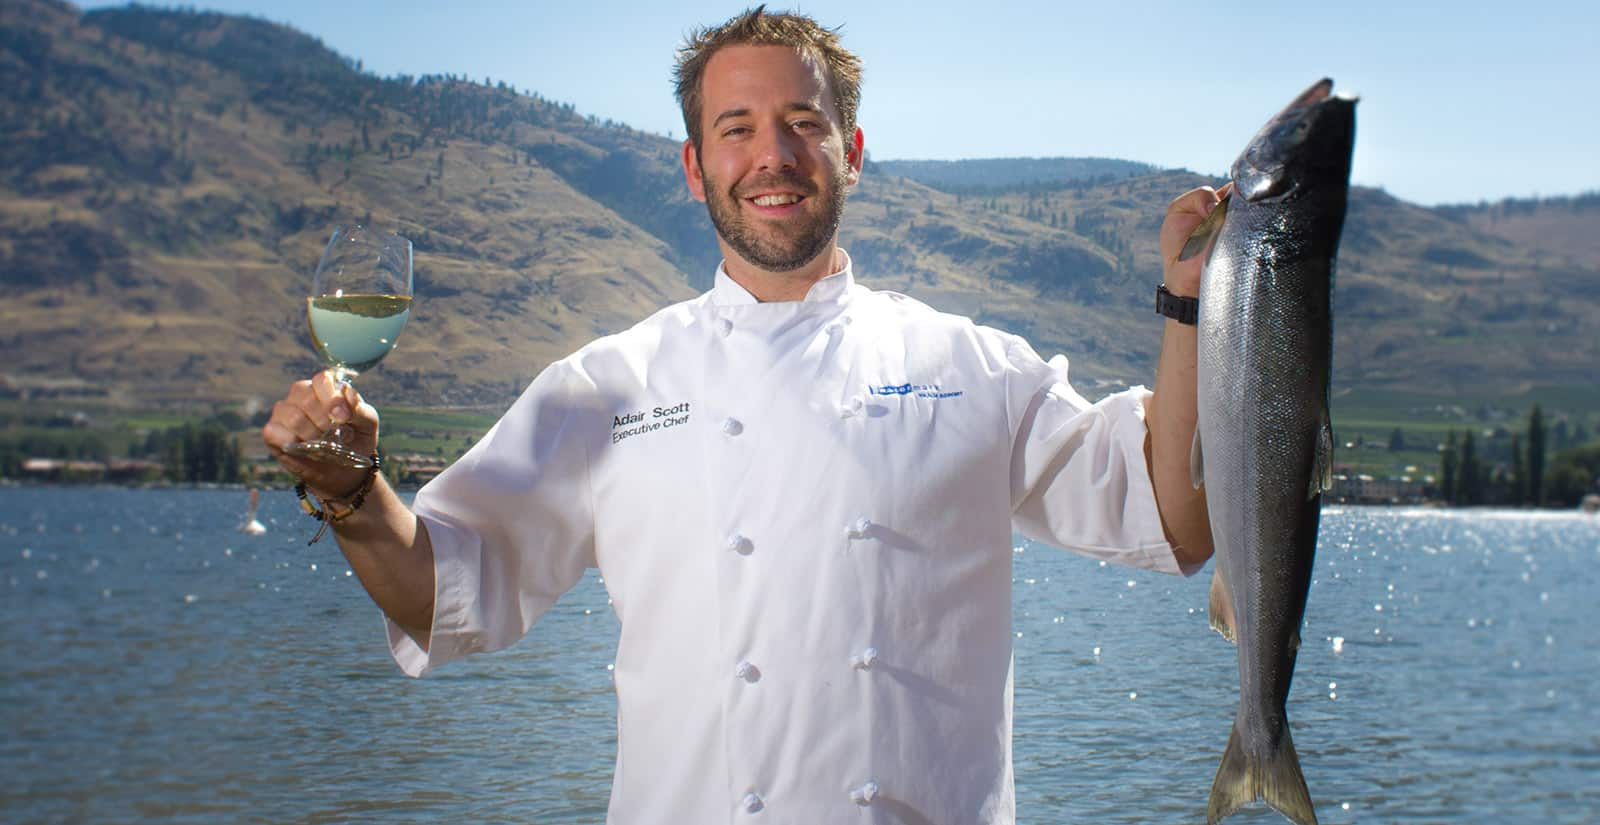 Chef Scott Adair - executive chef